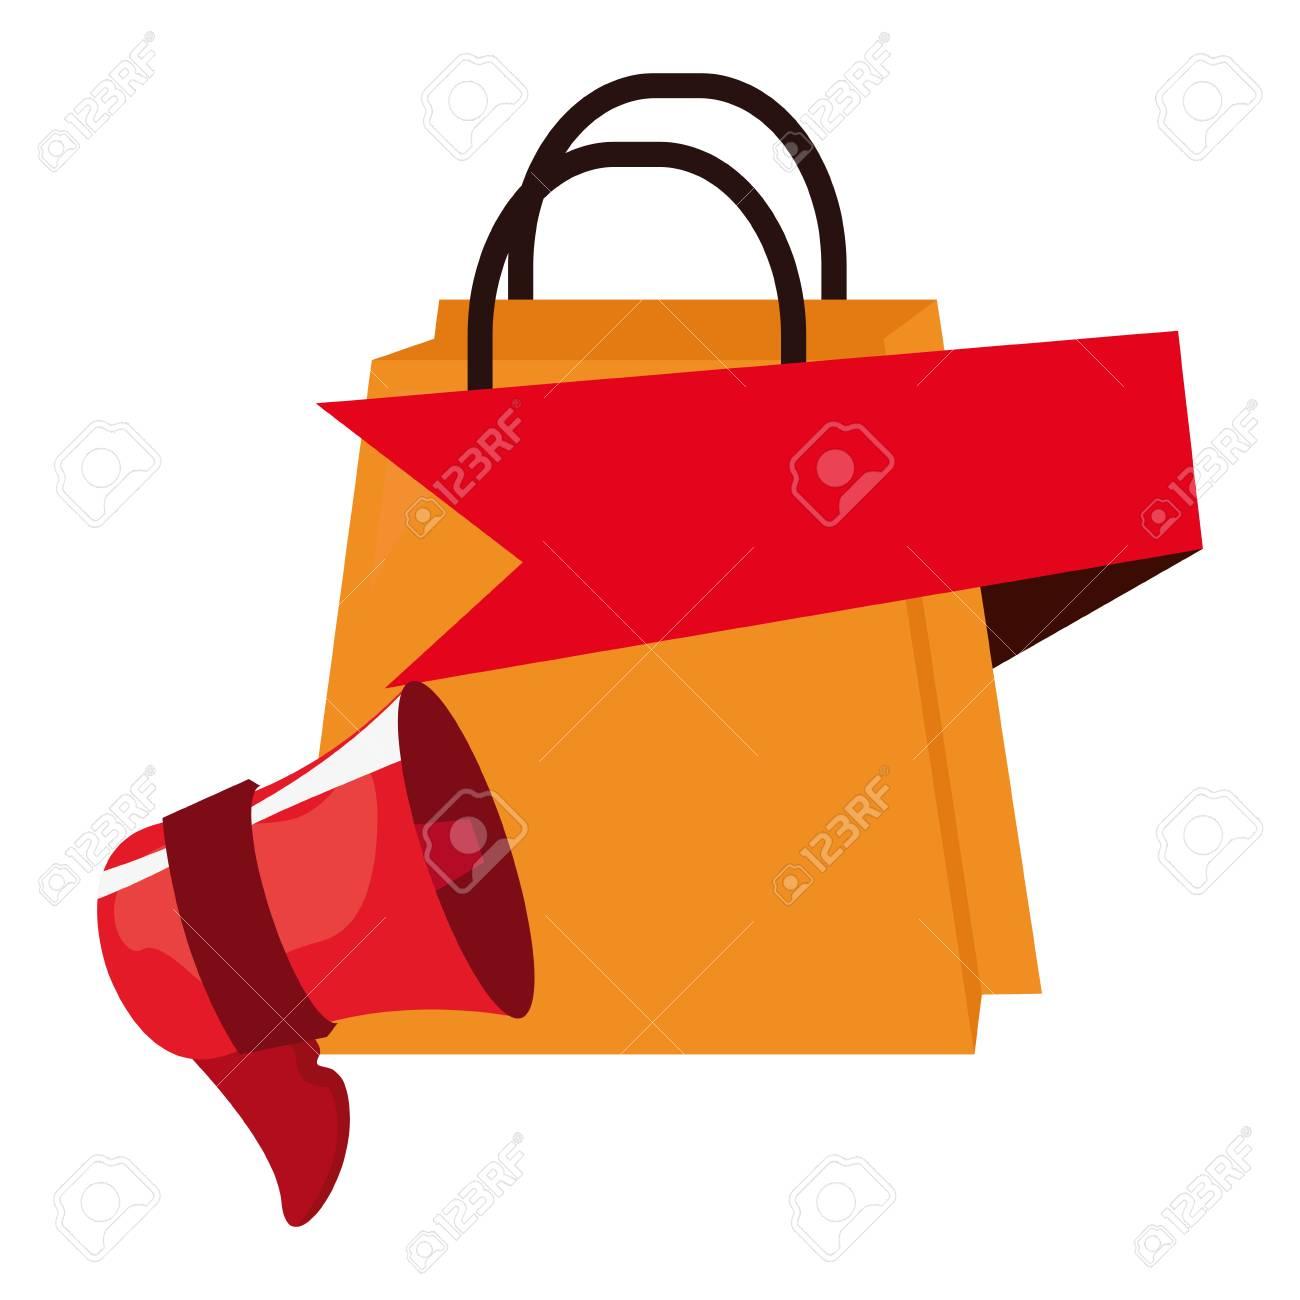 online shopping speaker bag banner vector illustration Stock Vector -  113687983 9800437510ad4